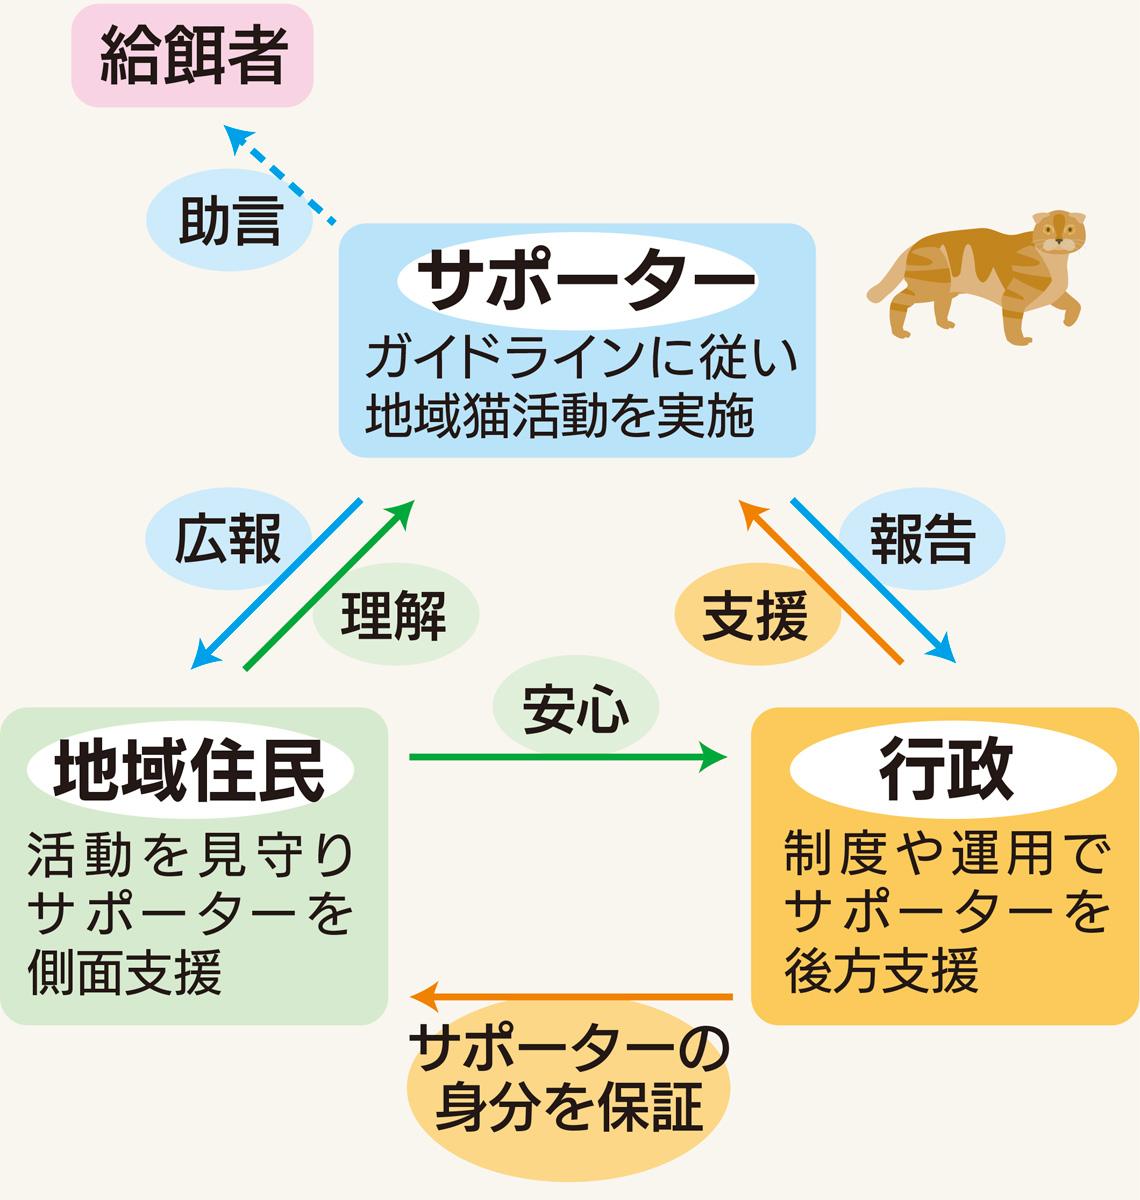 地域猫活動に登録制度